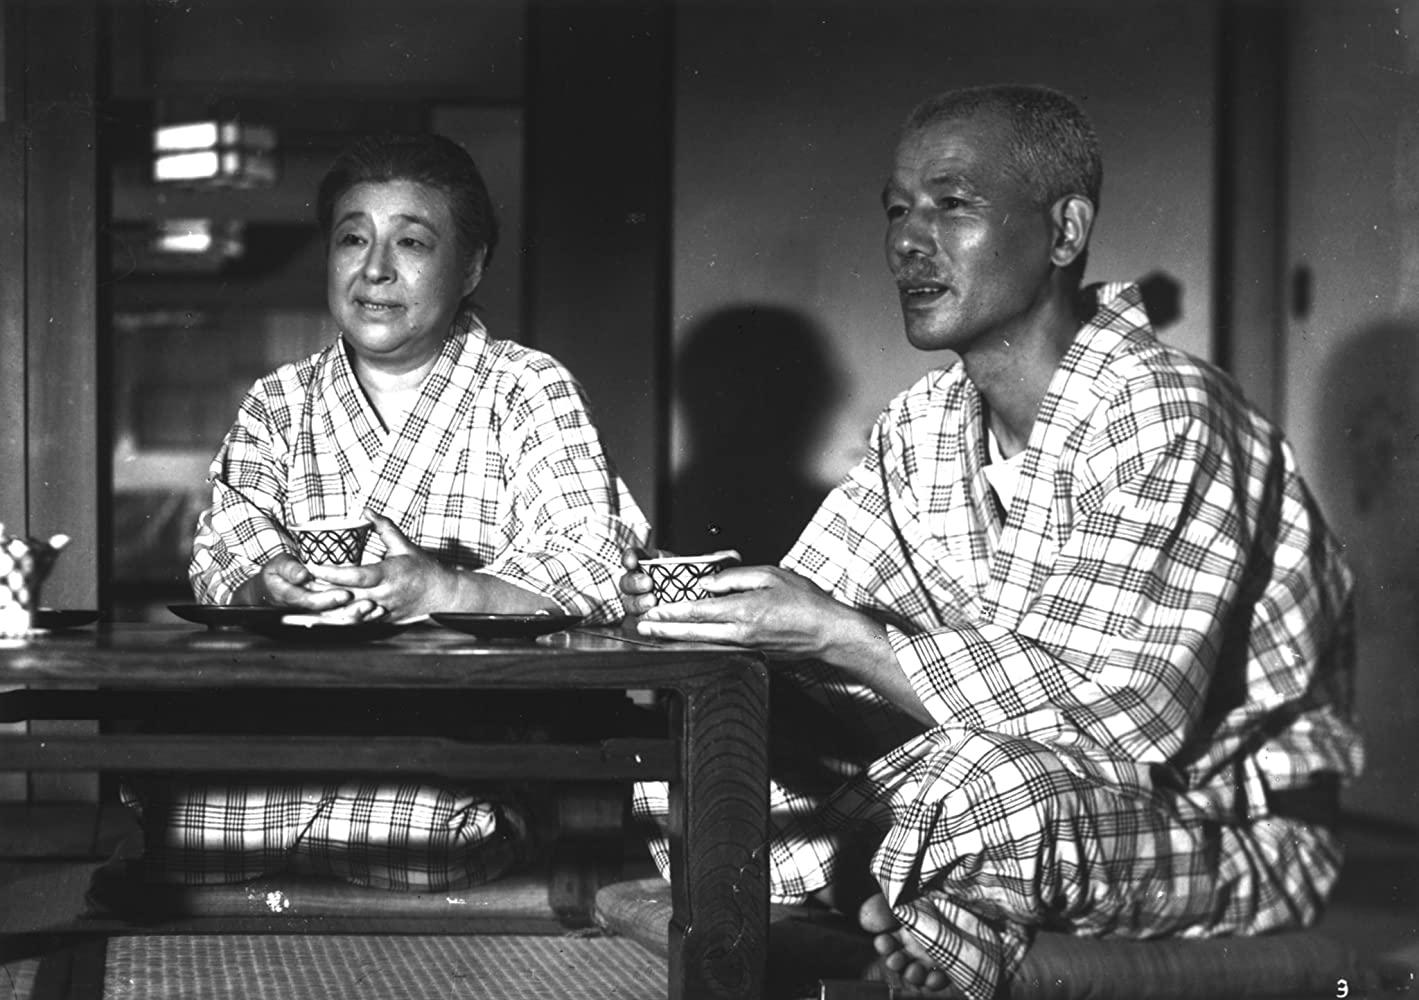 Токийская история (Tokyo Story)